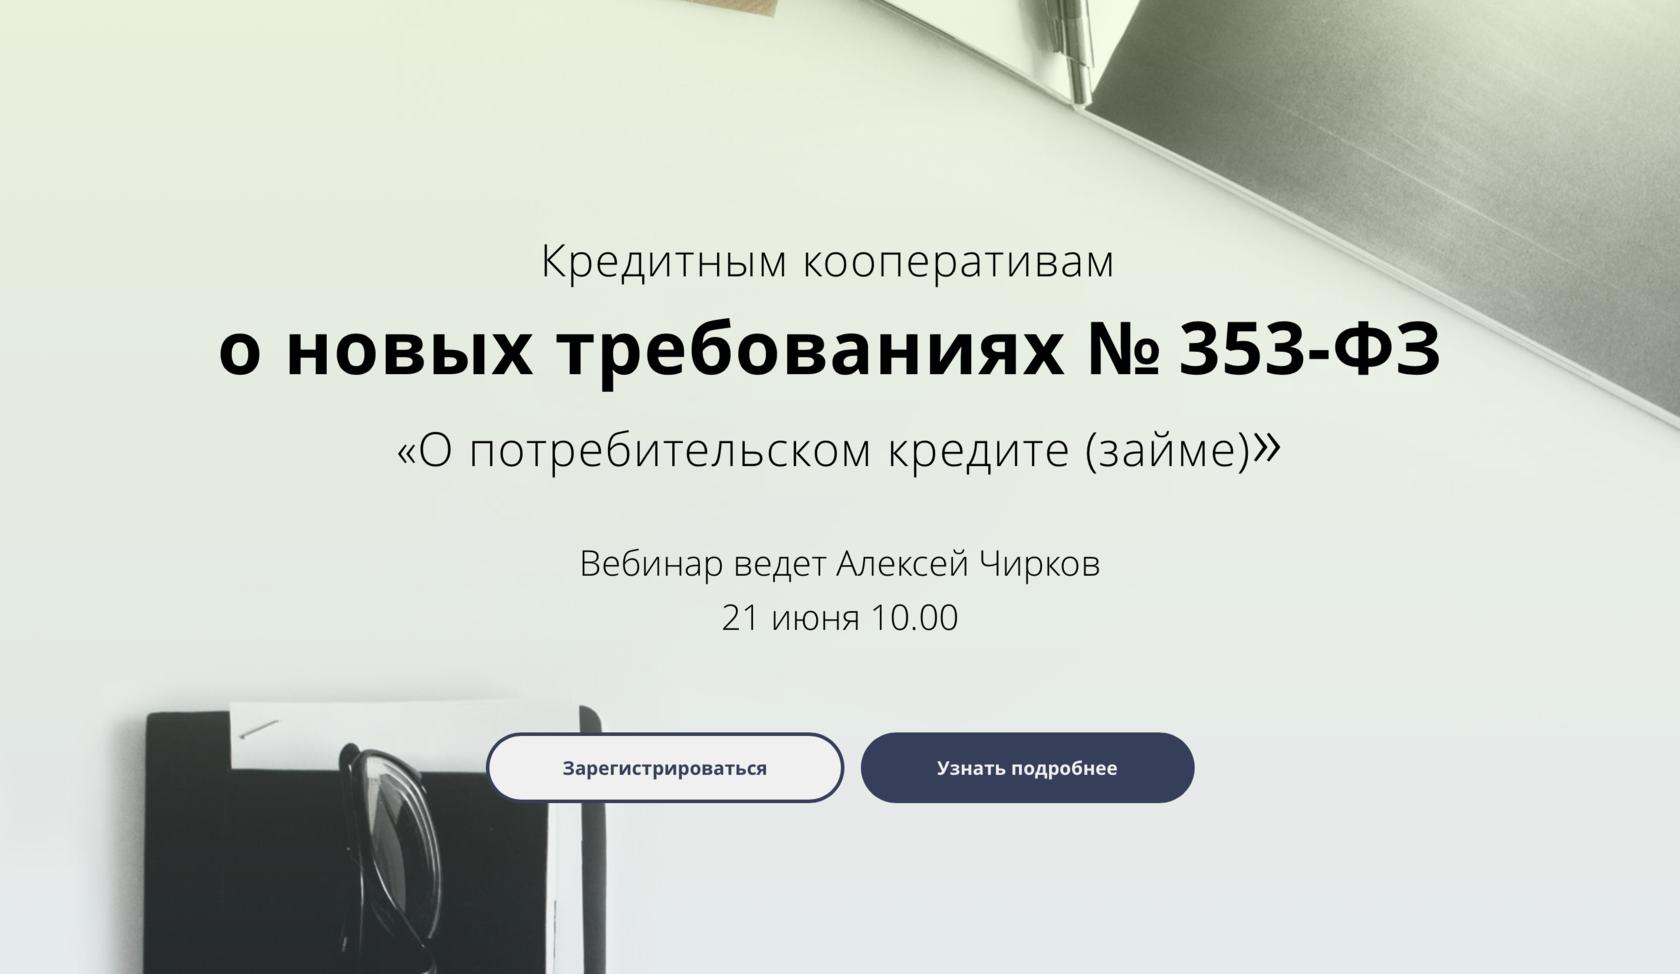 росбанк кредит наличными калькулятор 2020 онлайн расчет